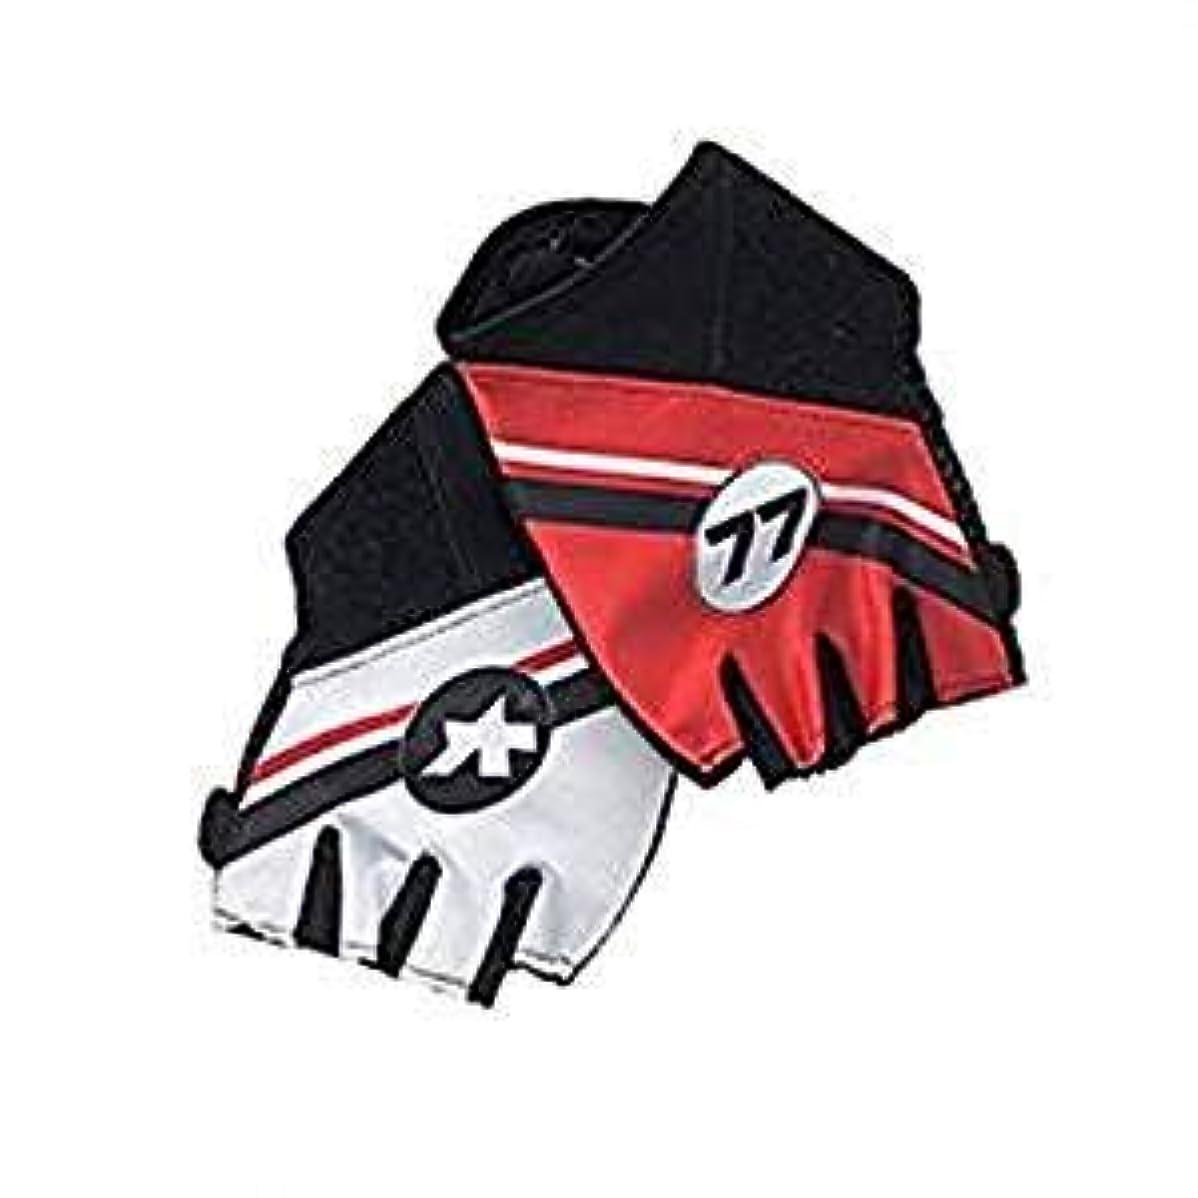 保守可能フェロー諸島追うAssos Six-Days Summer Glove 赤 アソス シックスデイズ サマーグローブ Size XL [並行輸入品]